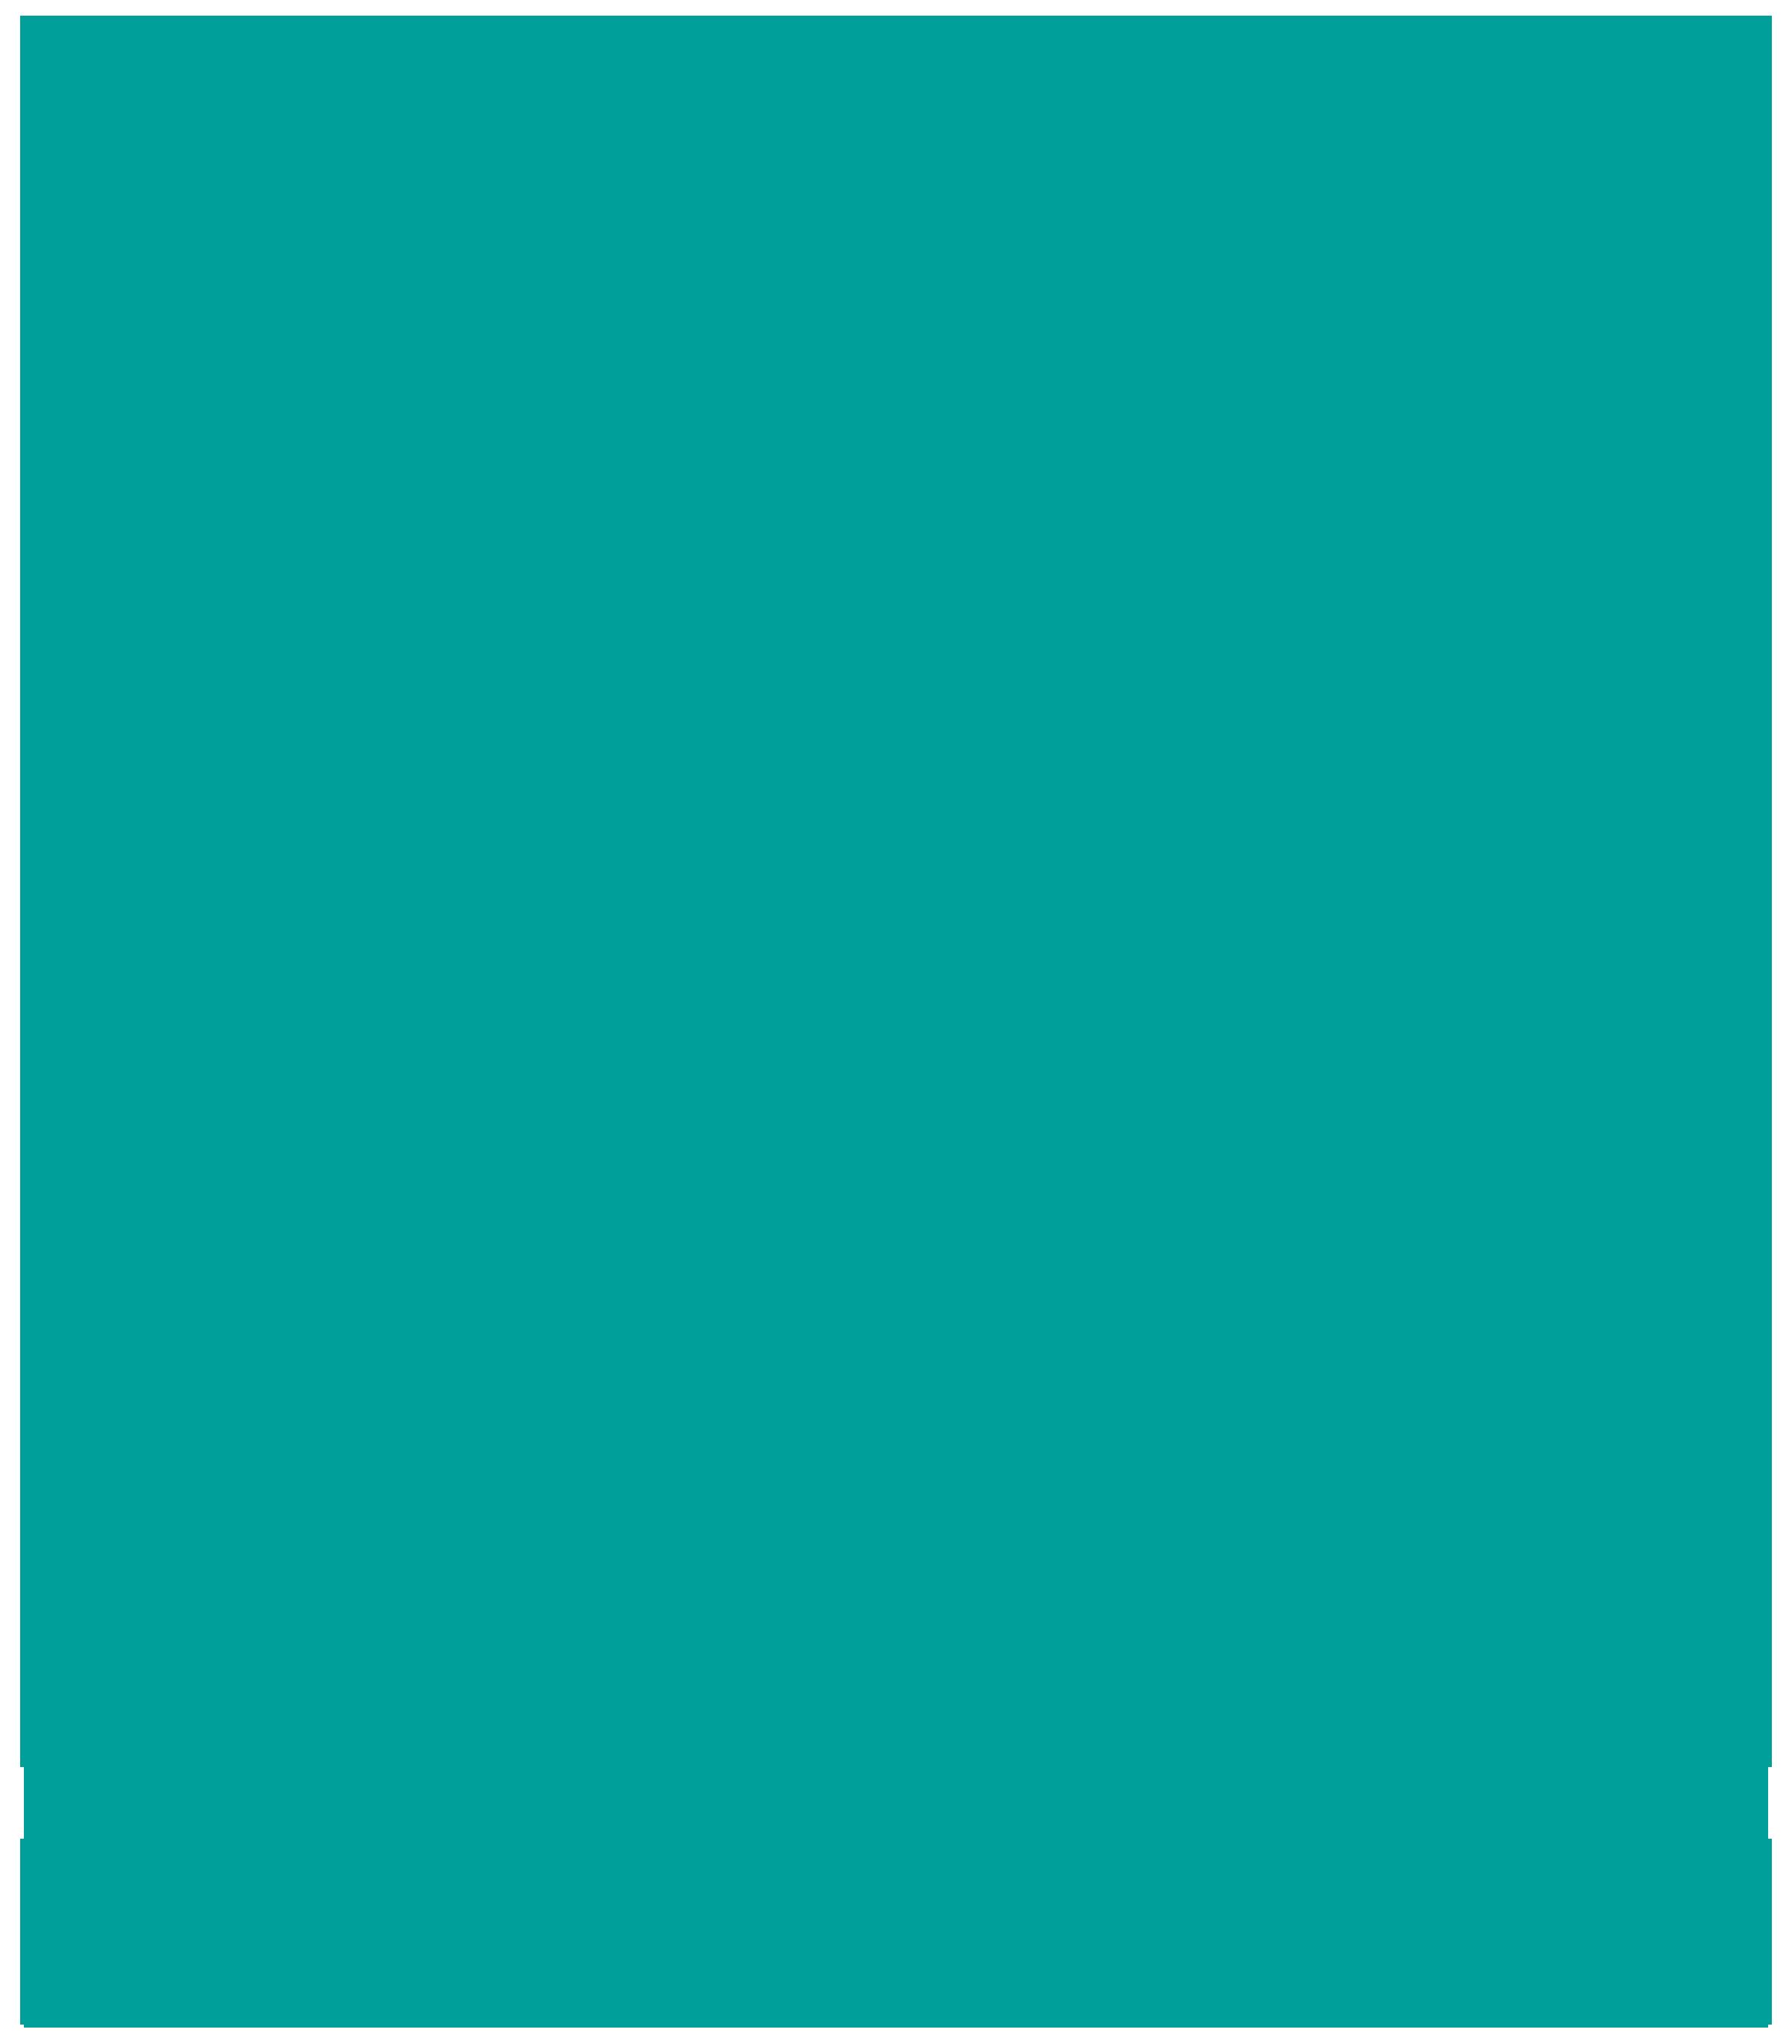 Bedstuy Restoration